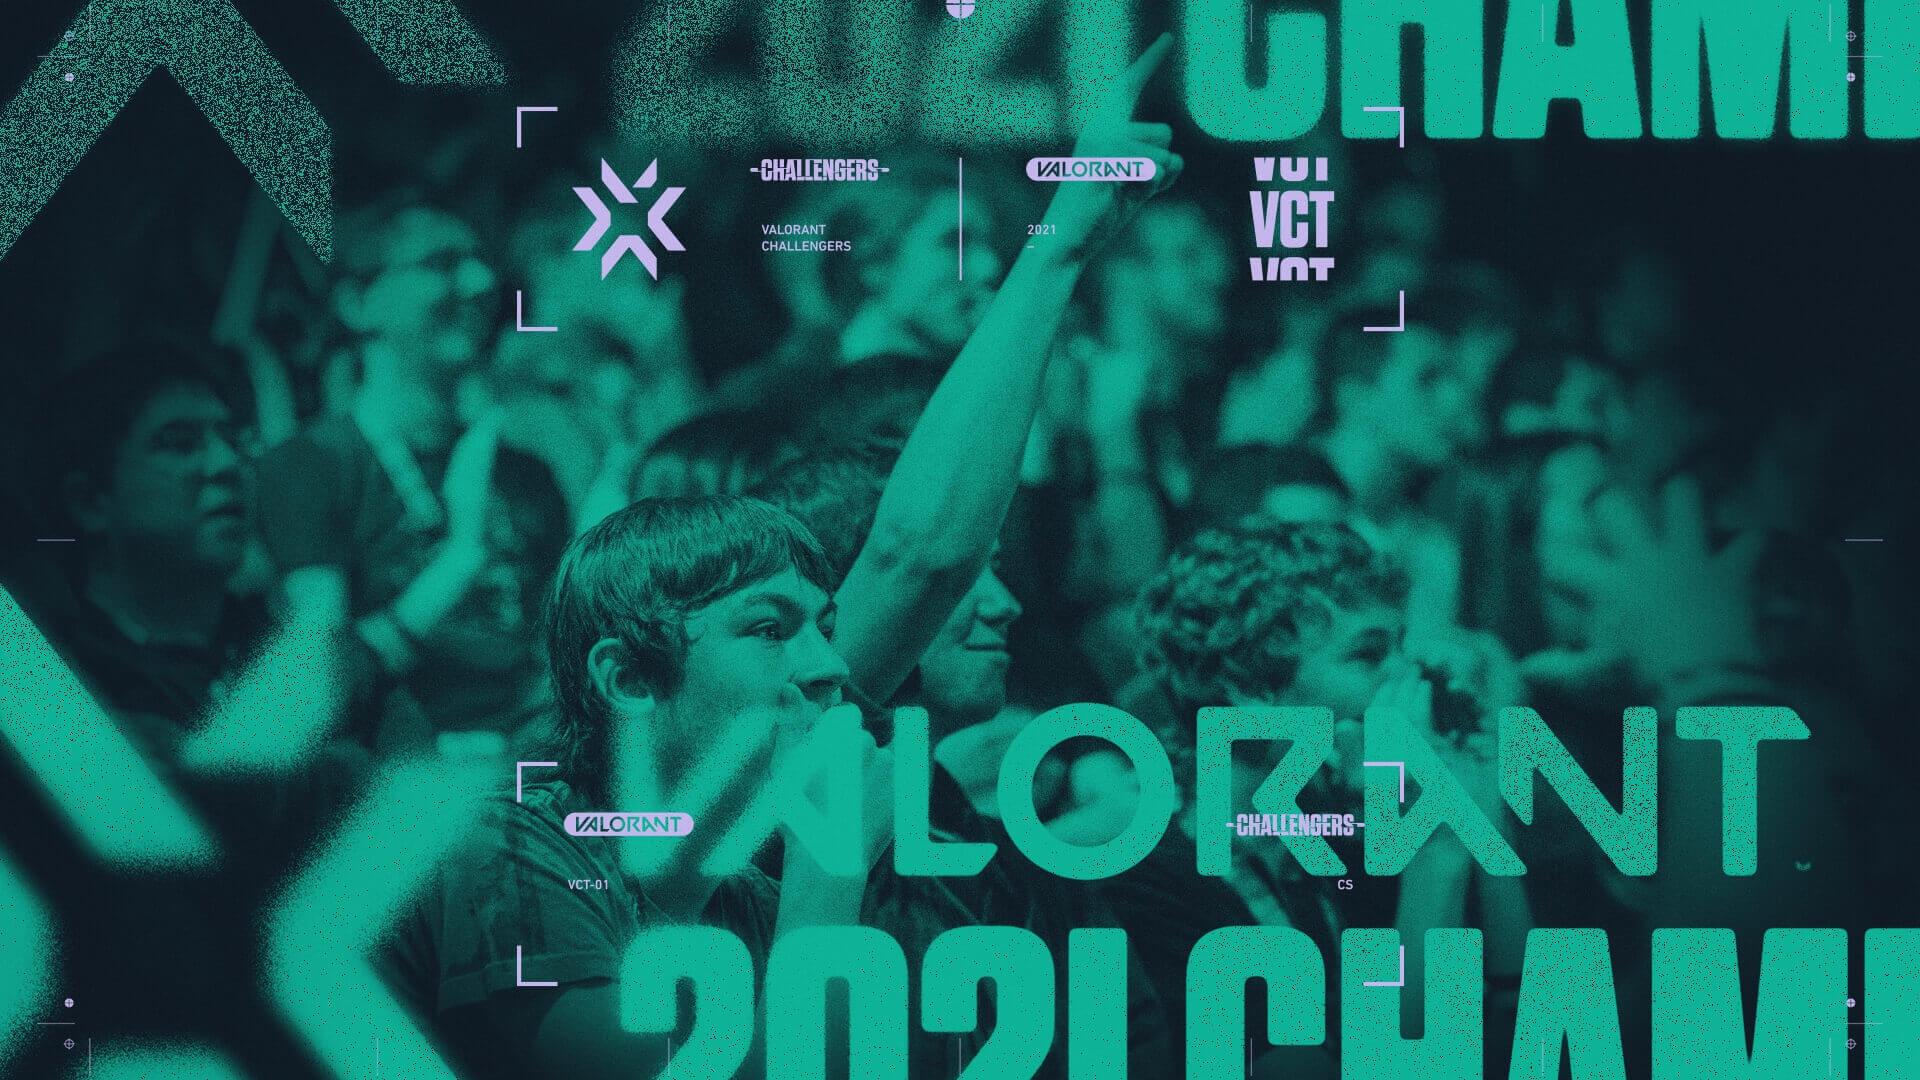 VCT 3.Aşama 1.Hafta Kapalı Elemelerine davet edilen takımlar açıklandı!